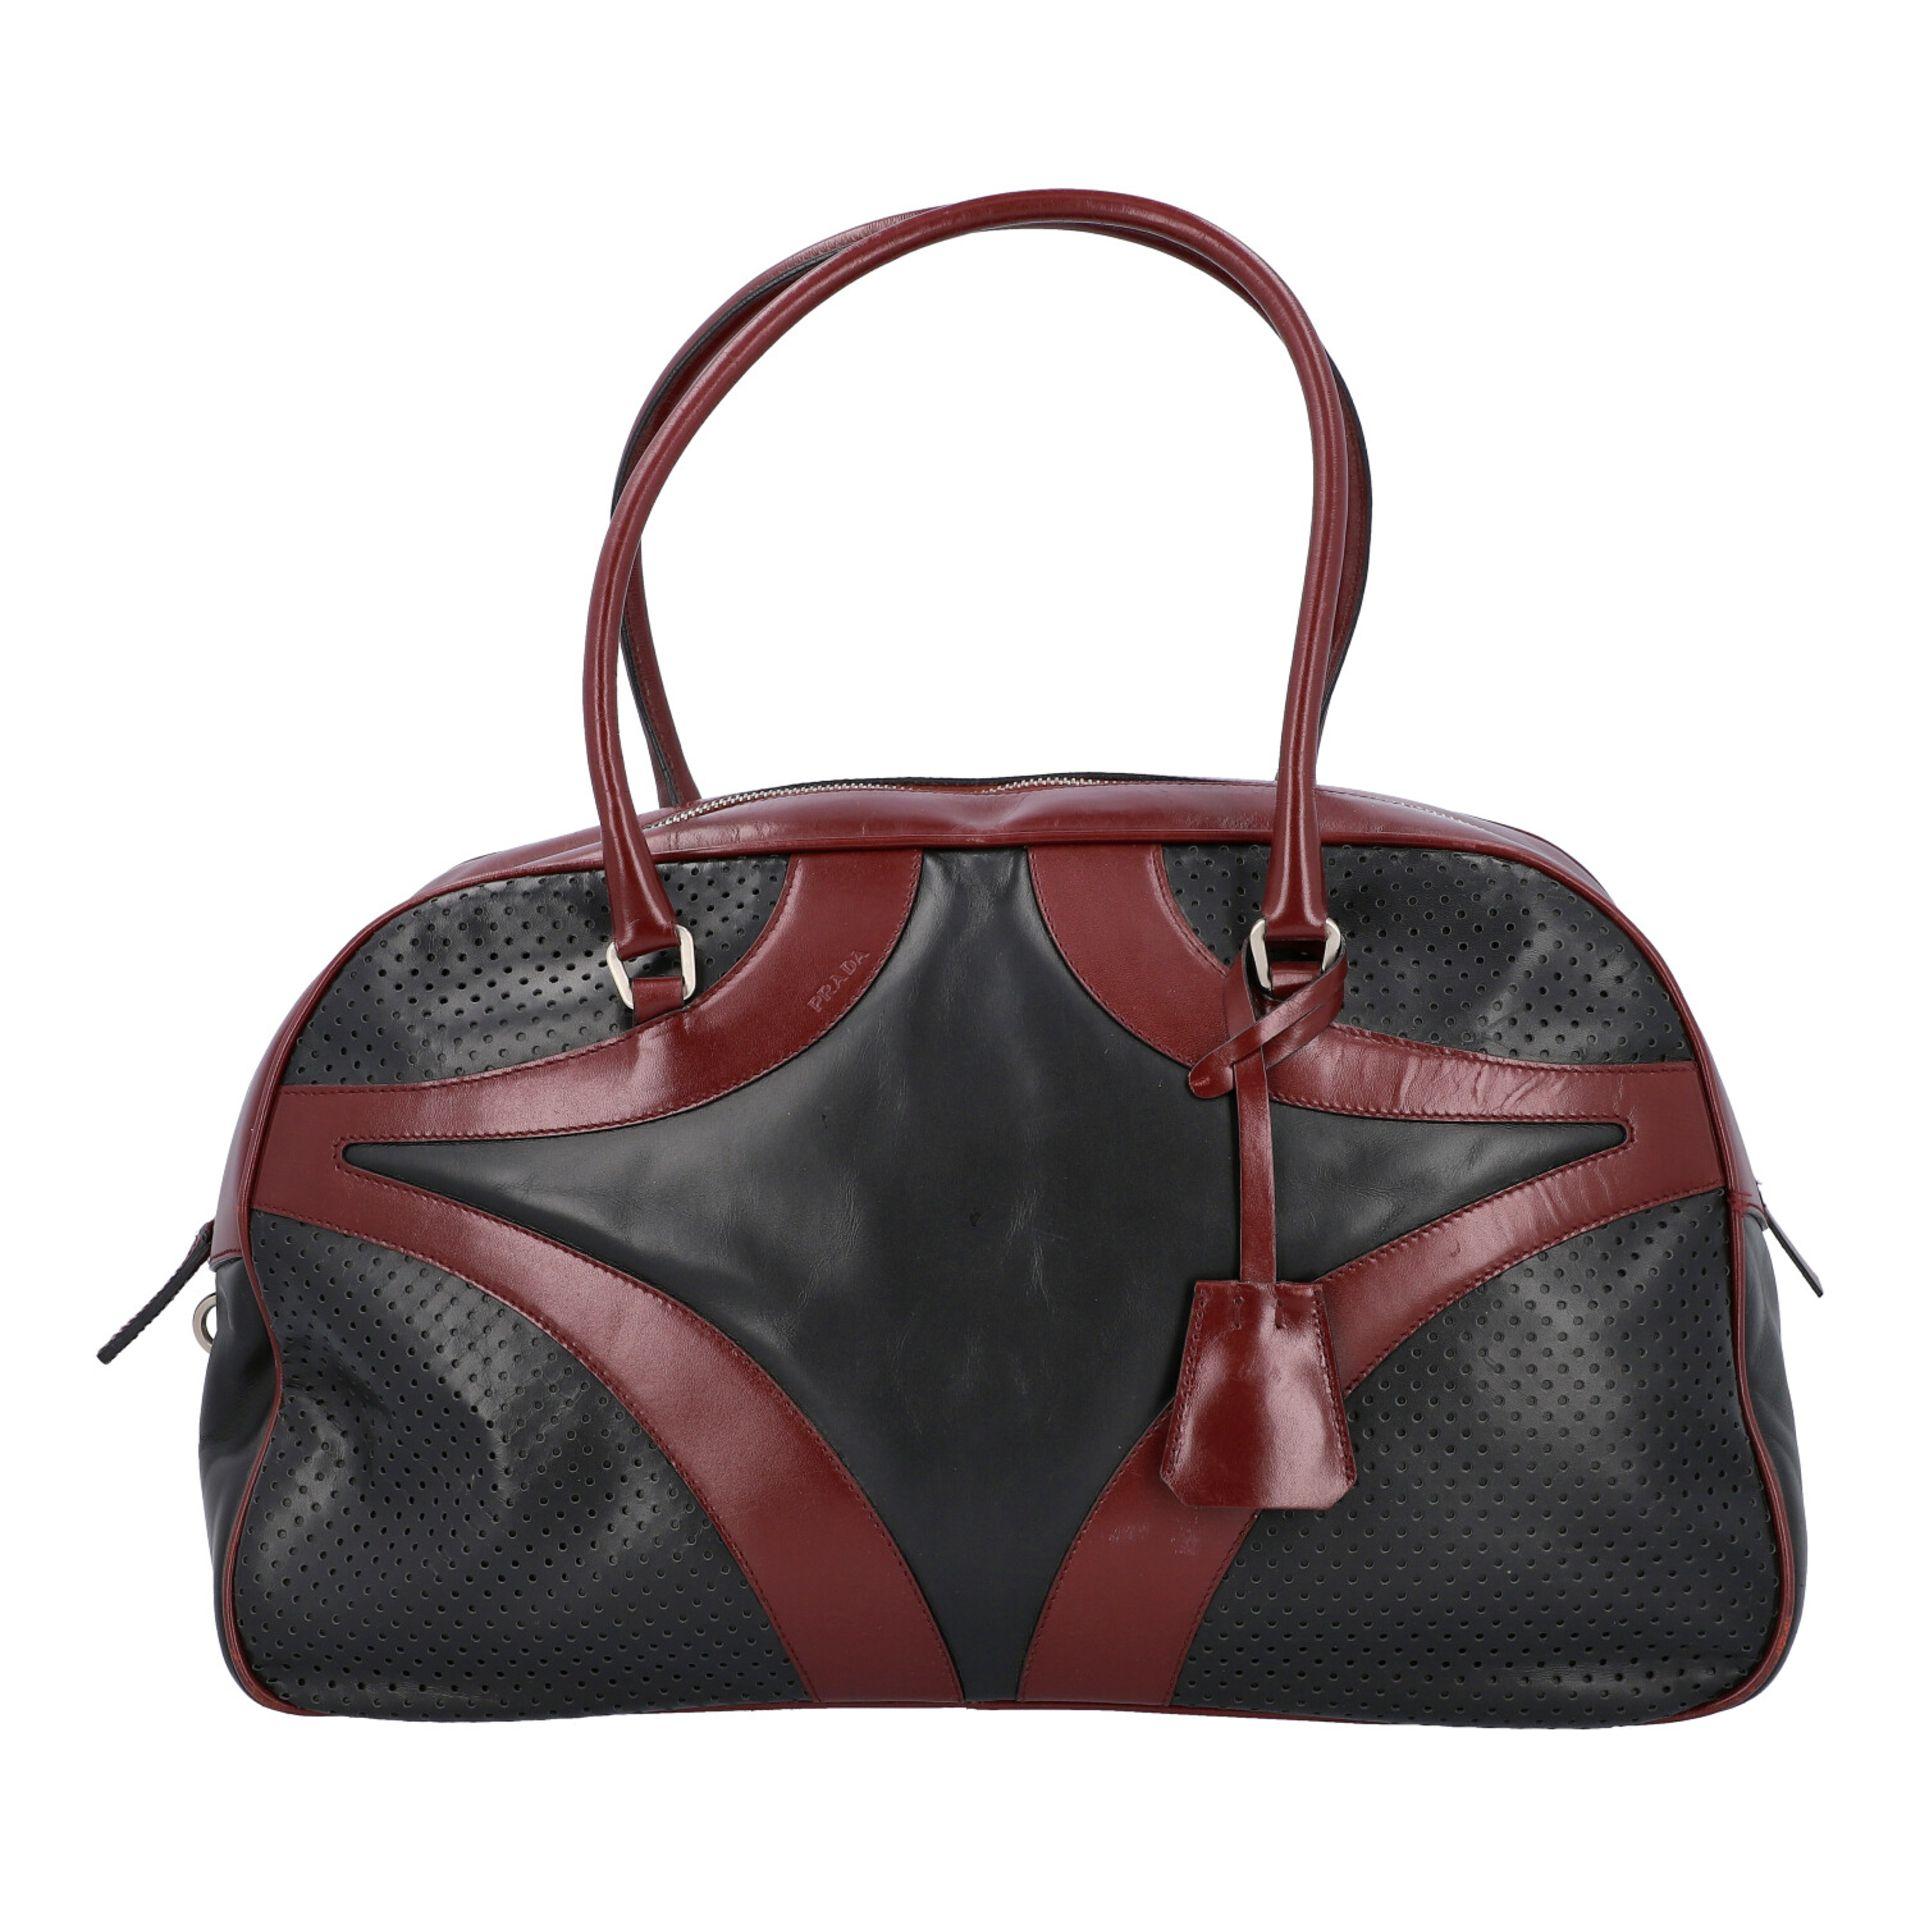 PRADA Handtasche. Glattleder in Schwarz und Bordeaux mit silberfarbener Hardware, umla - Image 4 of 8